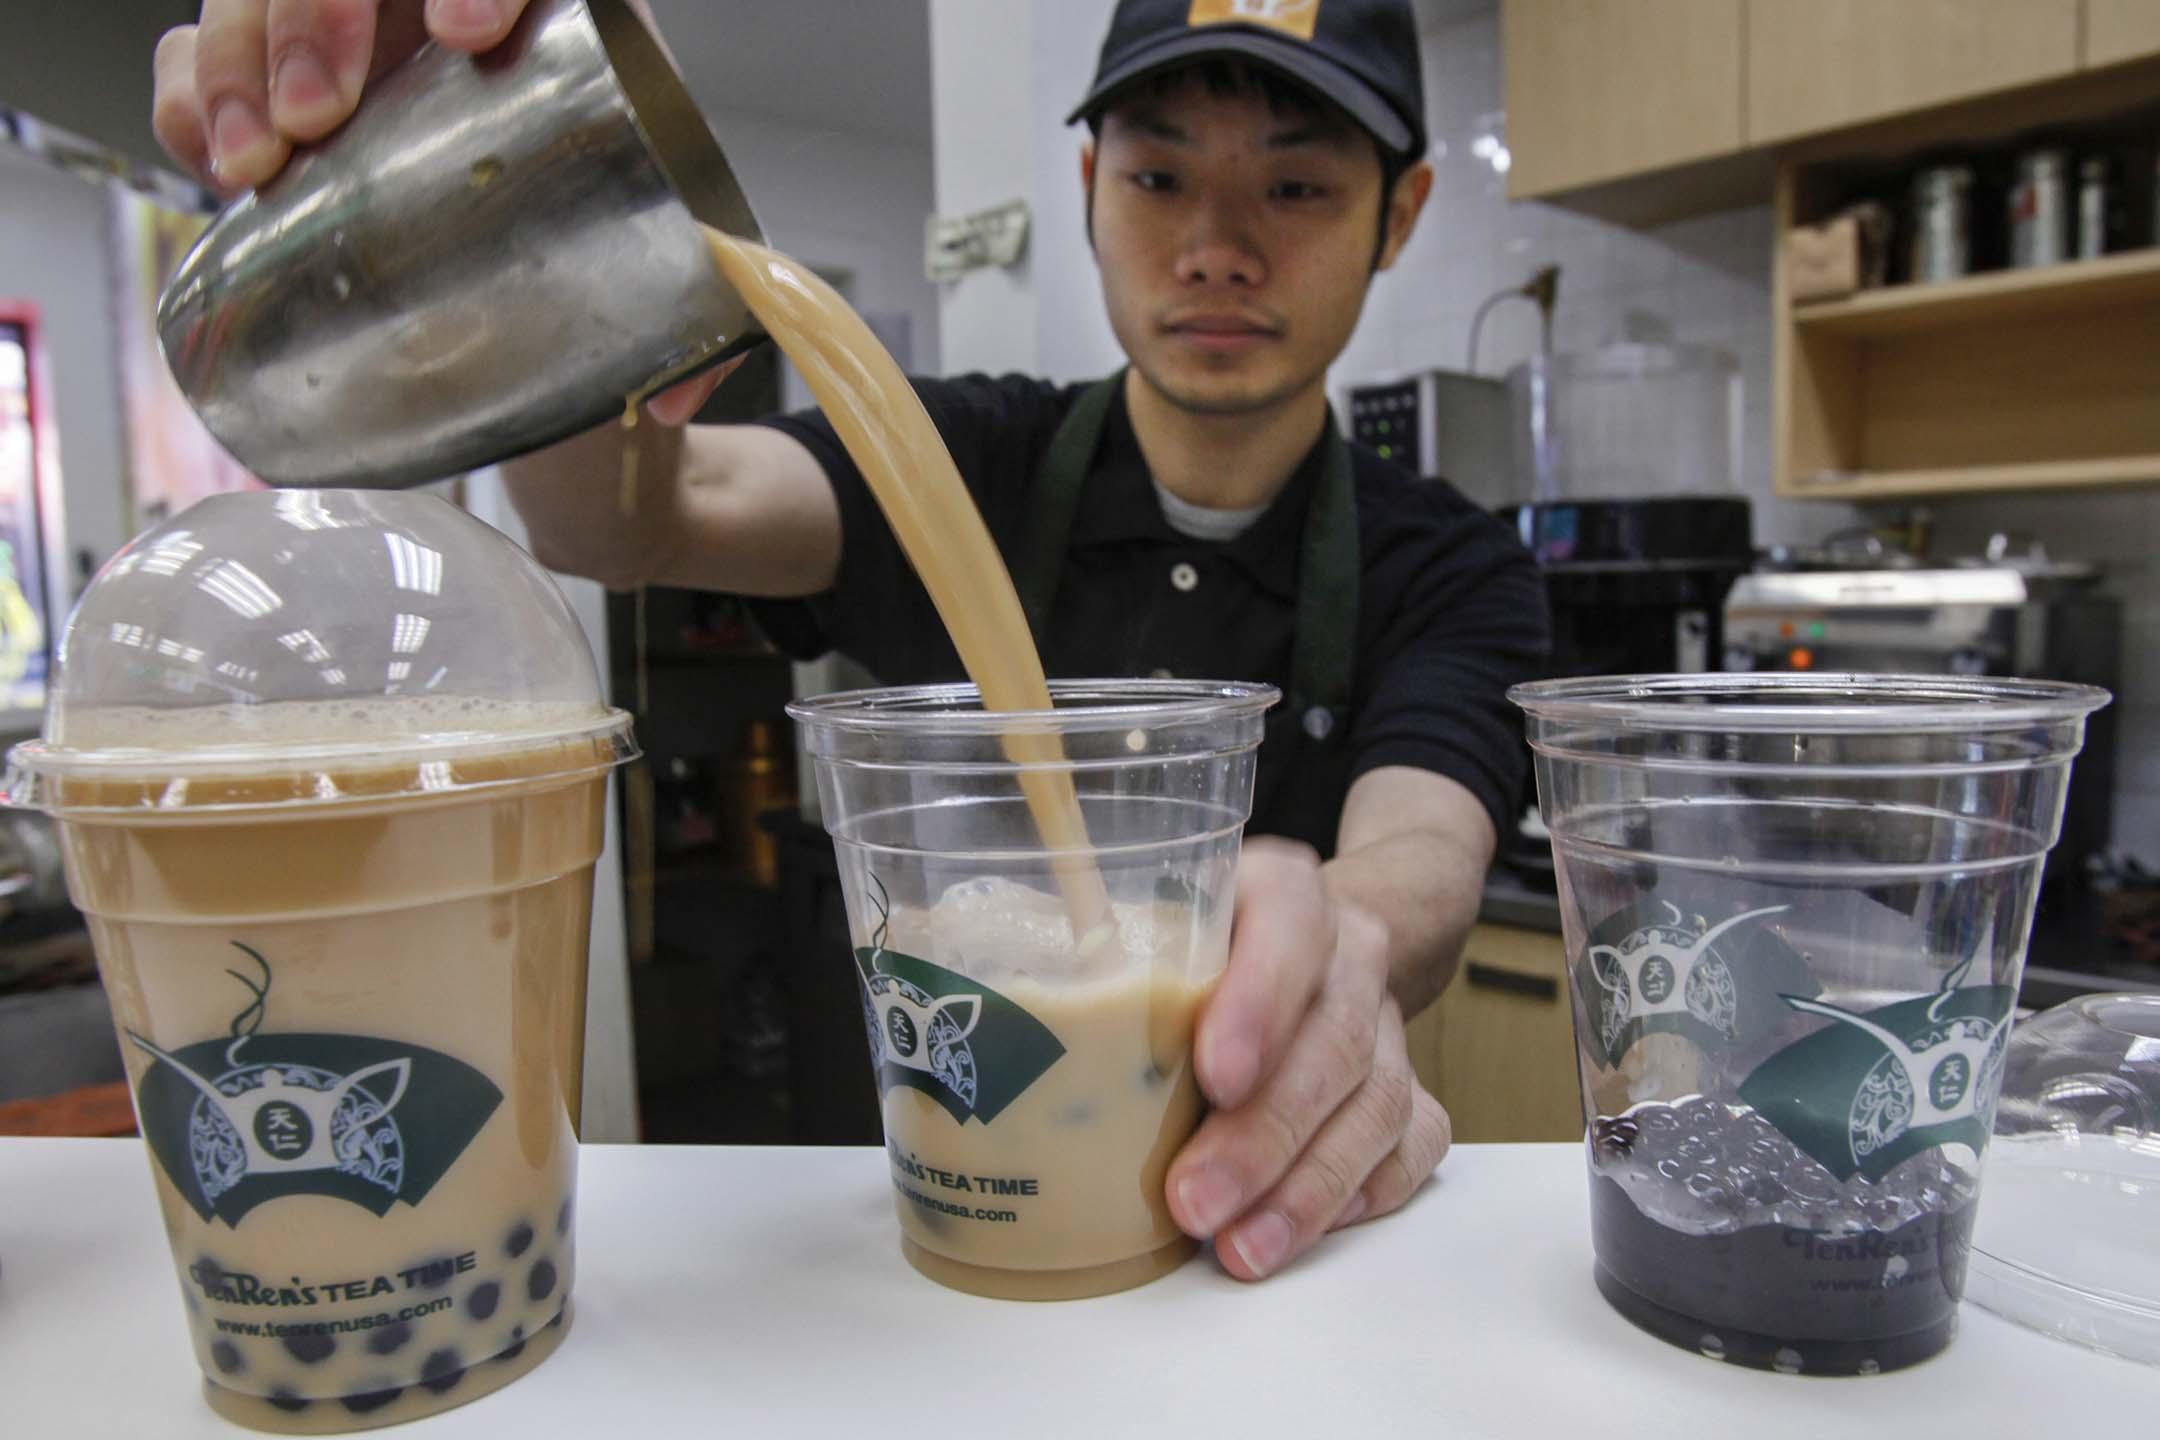 2009年12月29日紐約皇后區,天仁茗茶一名員工製作珍珠奶茶。